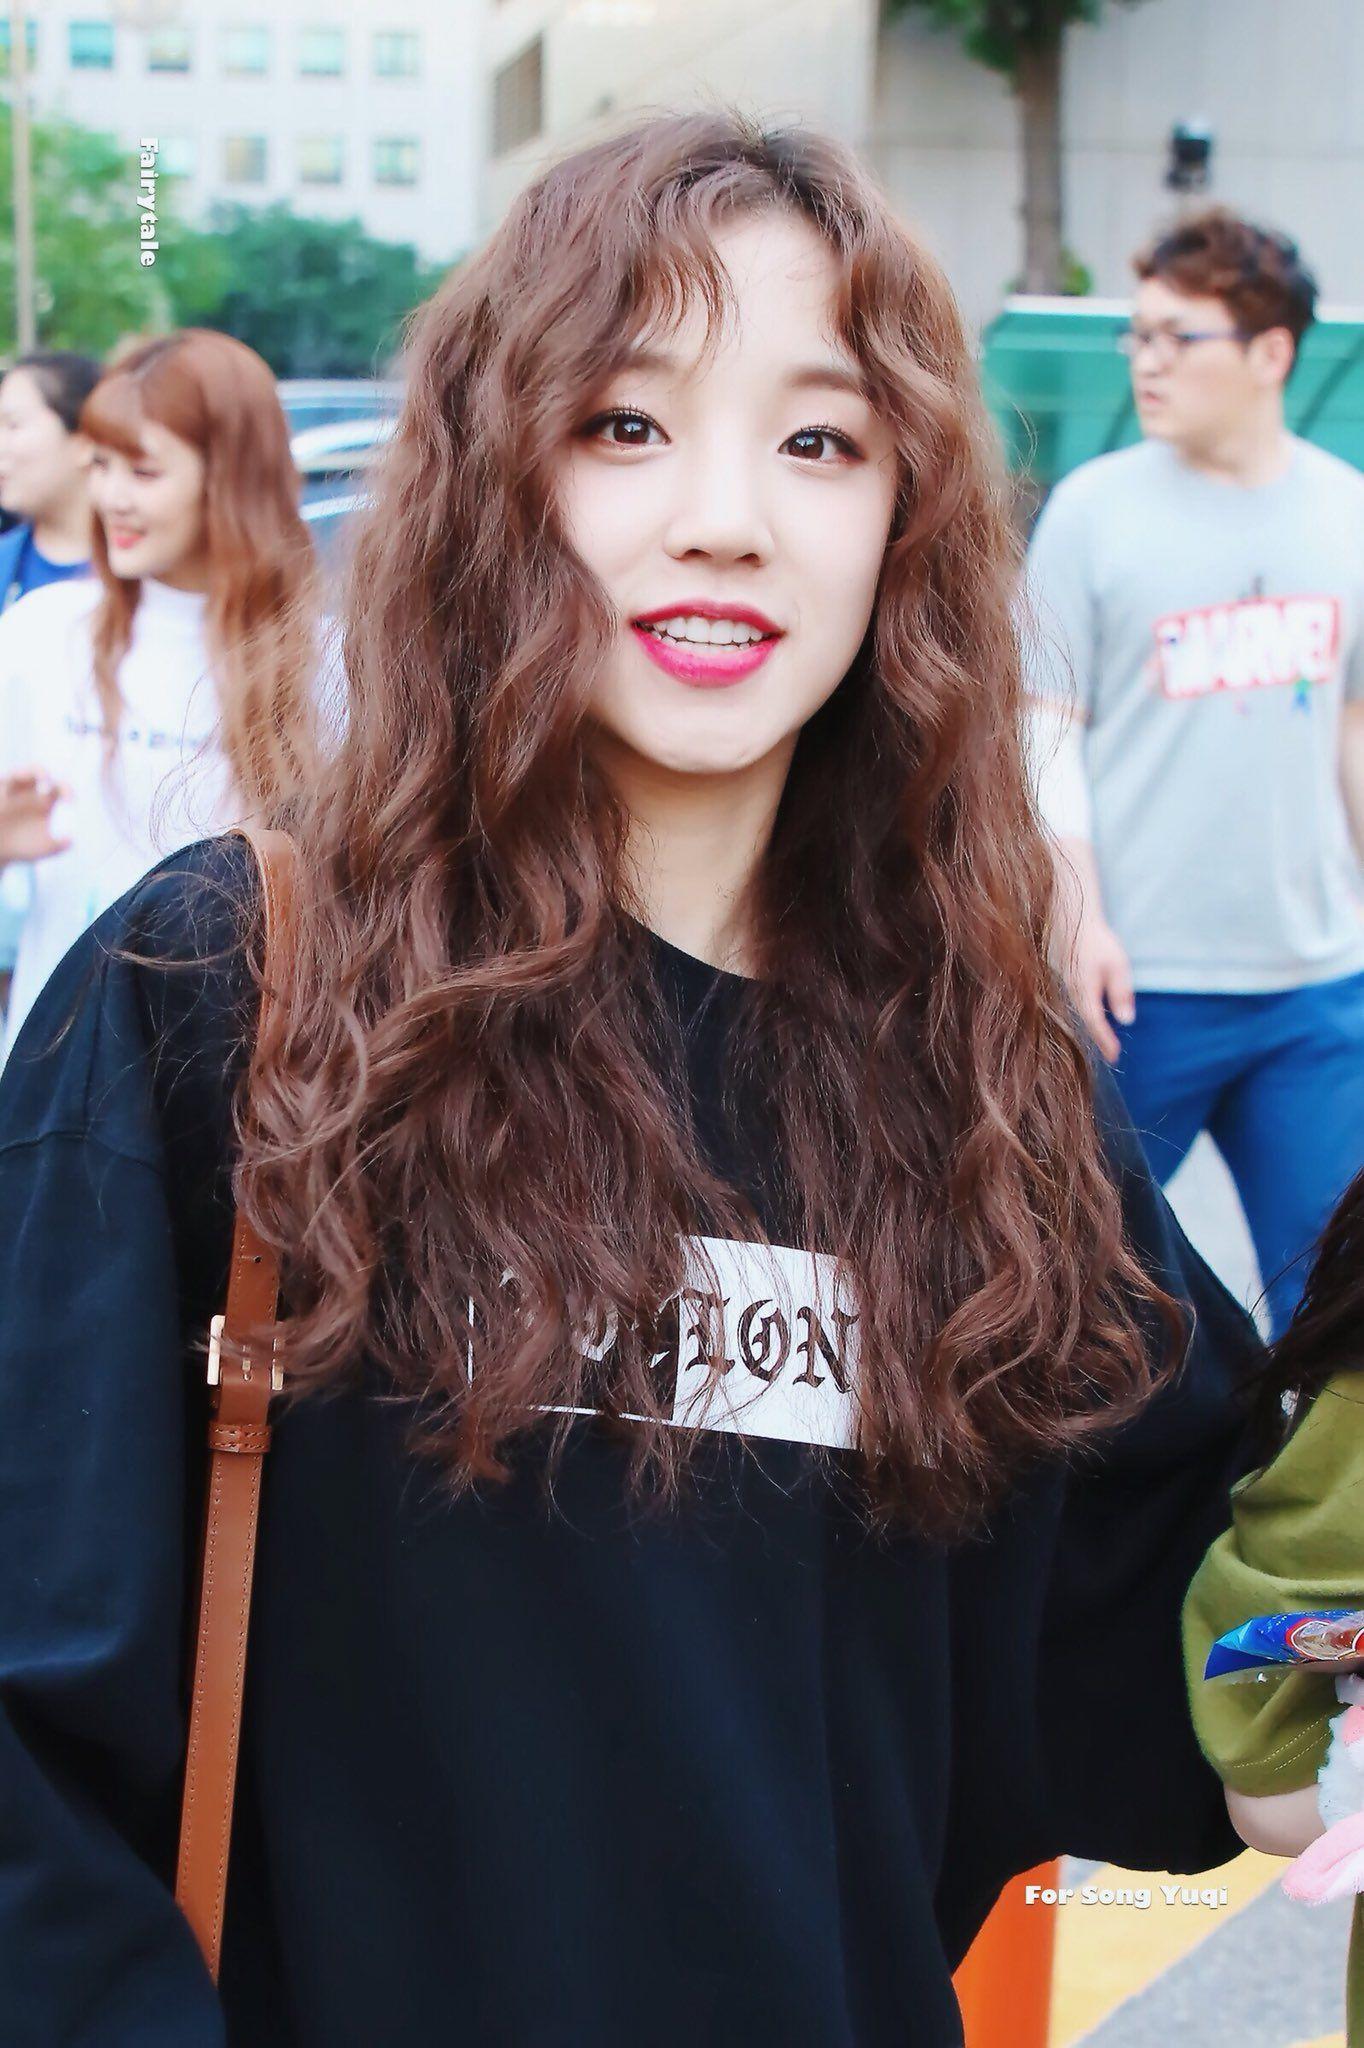 Fairytale On Twitter Kpop Hair Curly Hair Styles Long Hair Styles